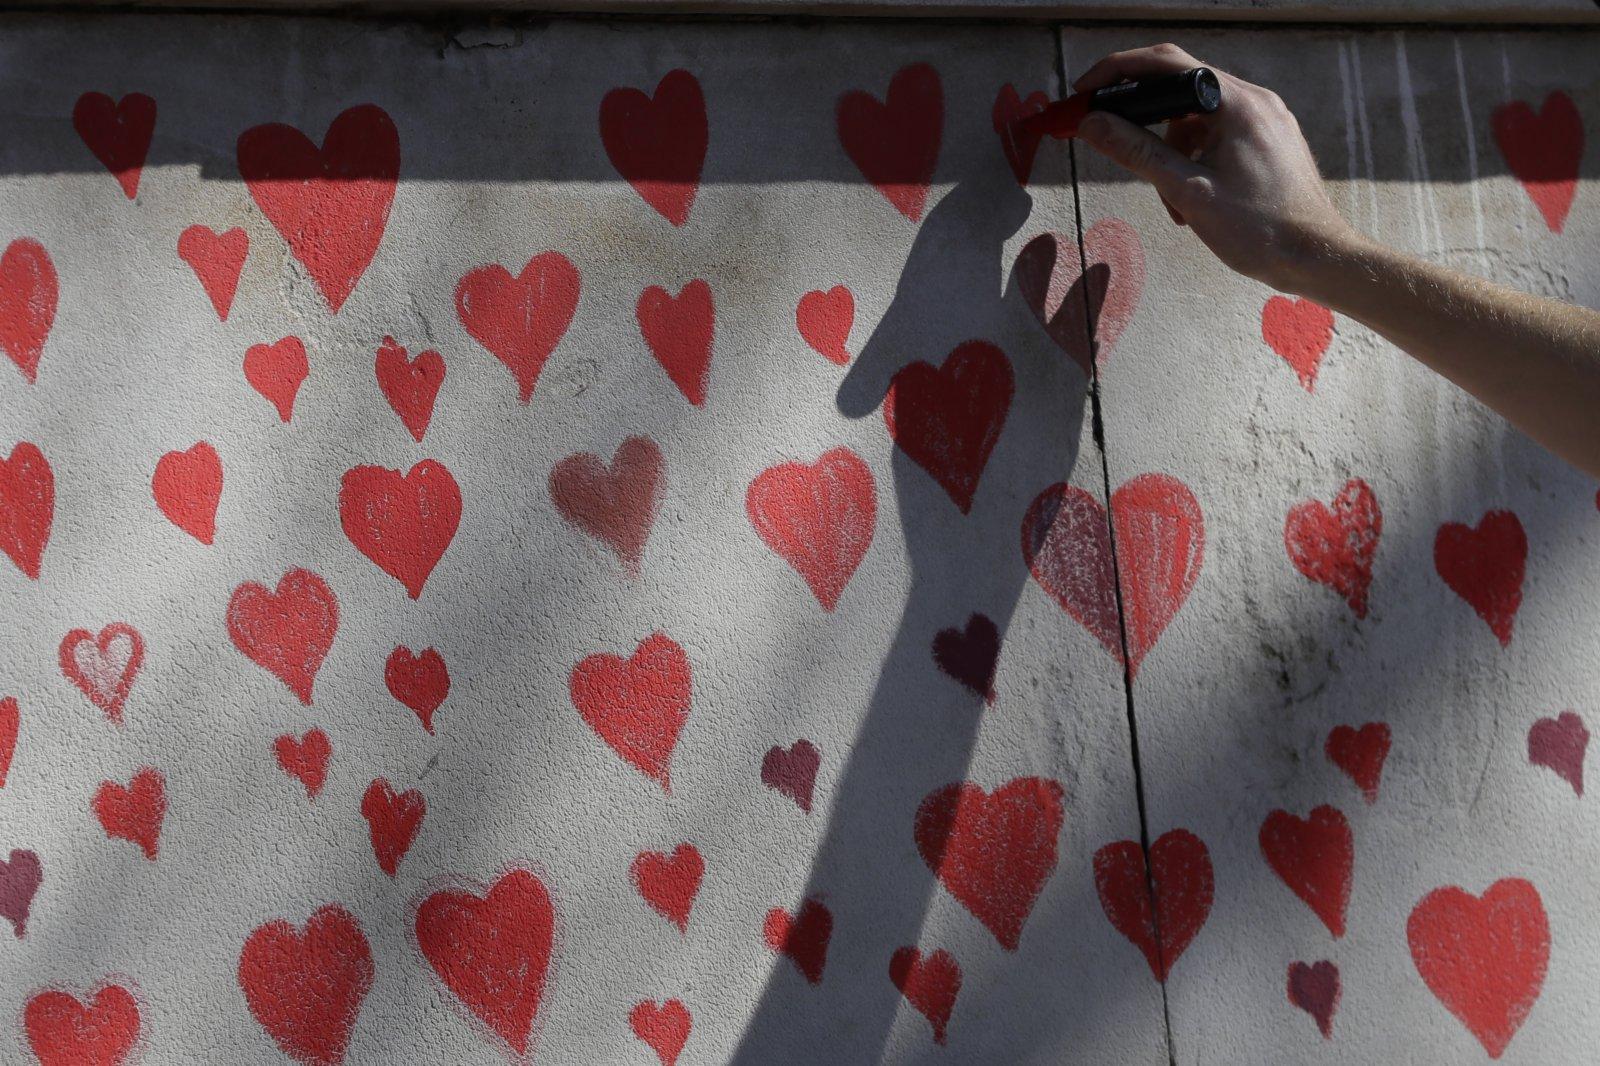 牆上的愛心圖案。